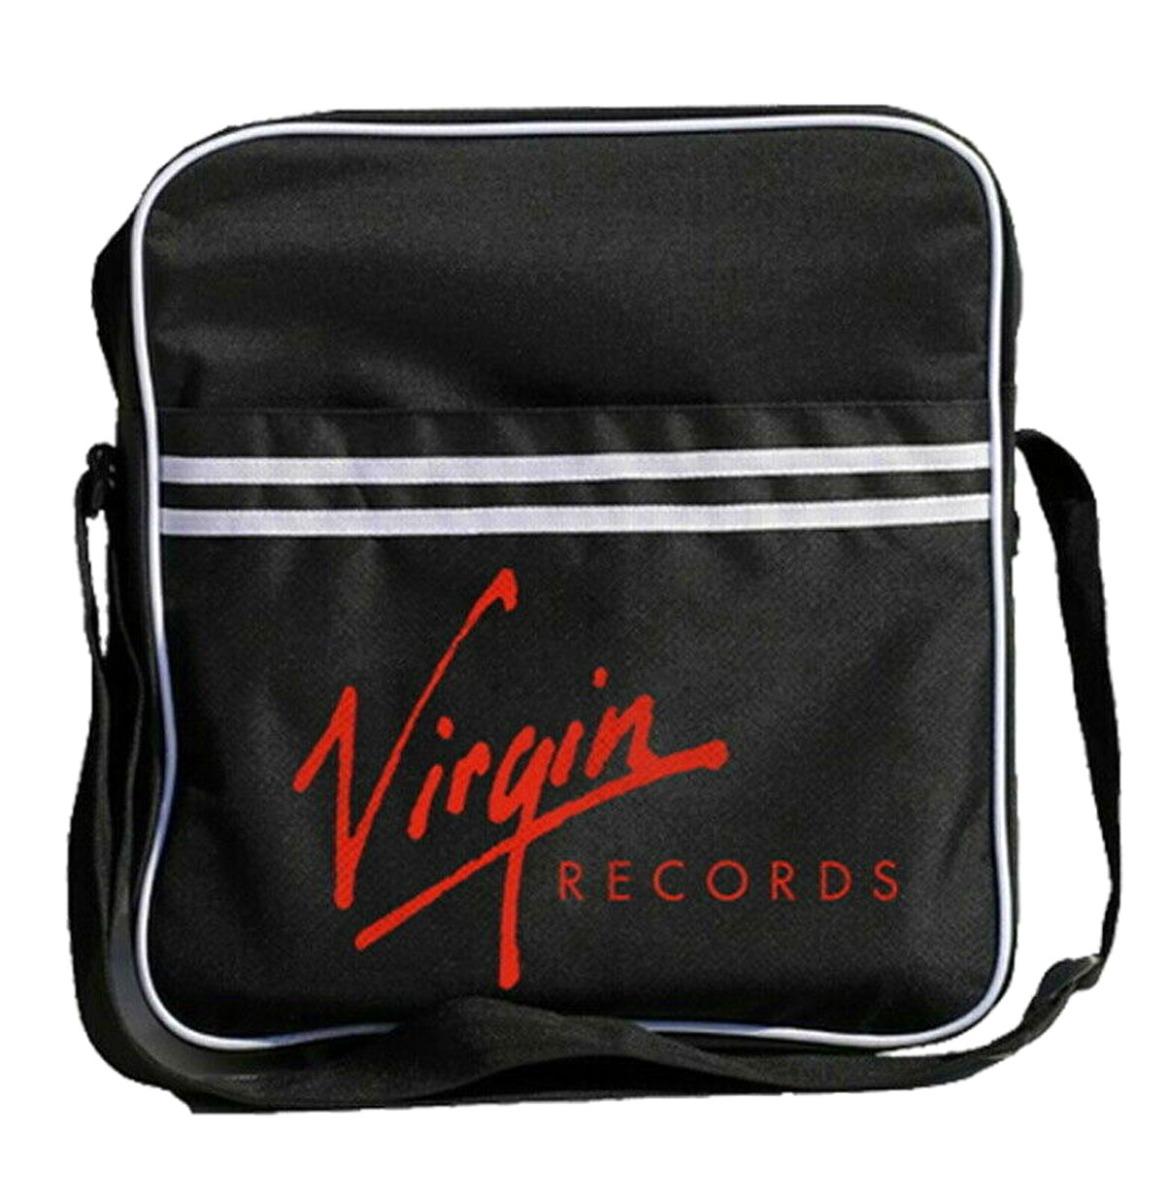 Virgin Records Zip Top Messenger Tas